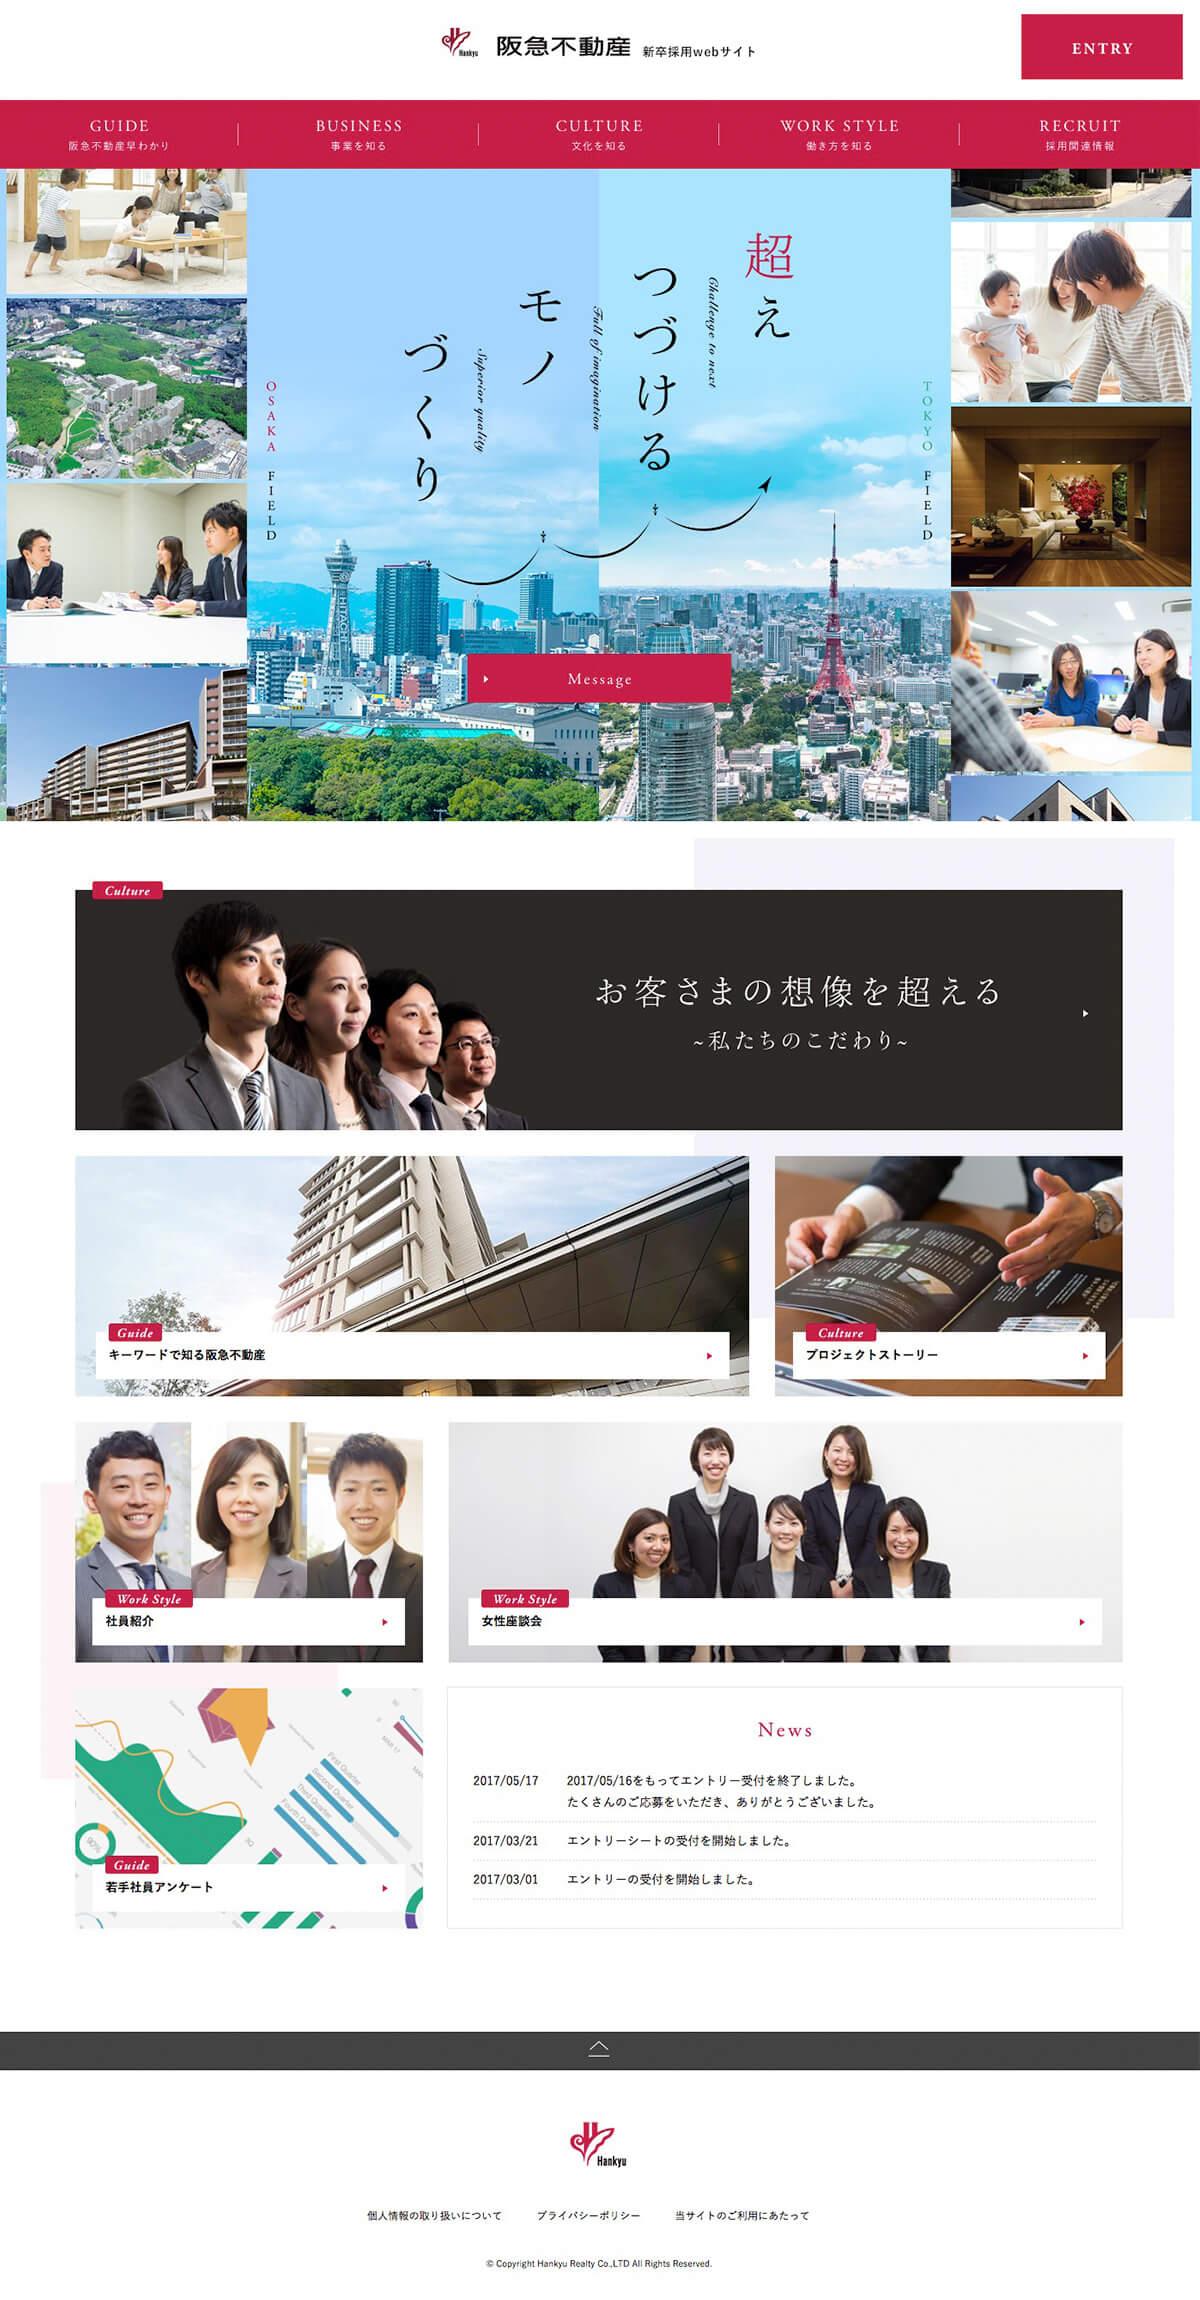 阪急不動産株式会社 2018 新卒採用サイト